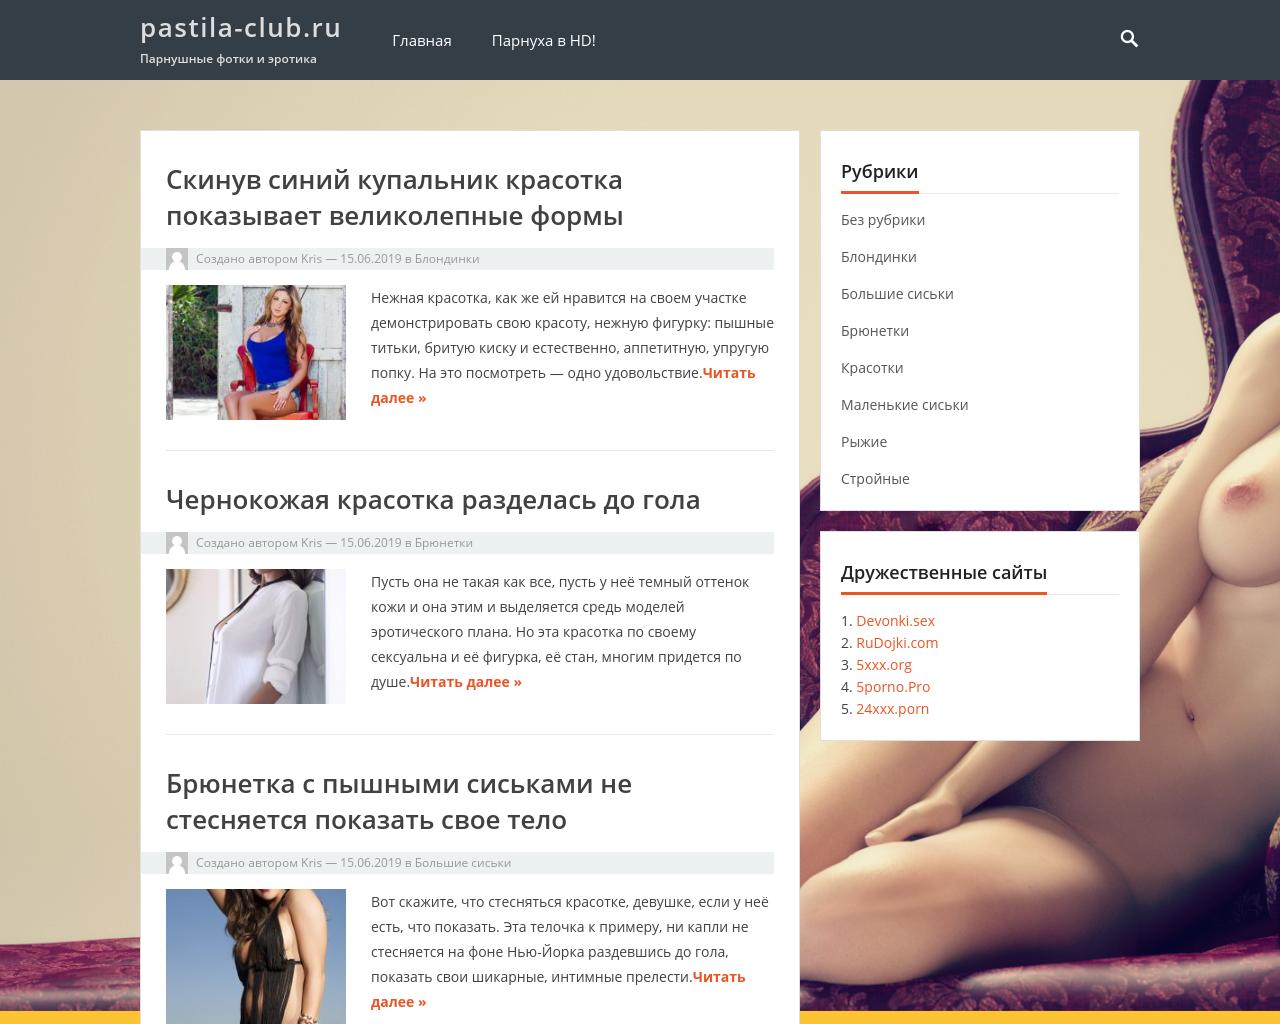 eroticheskaya-igra-pastila